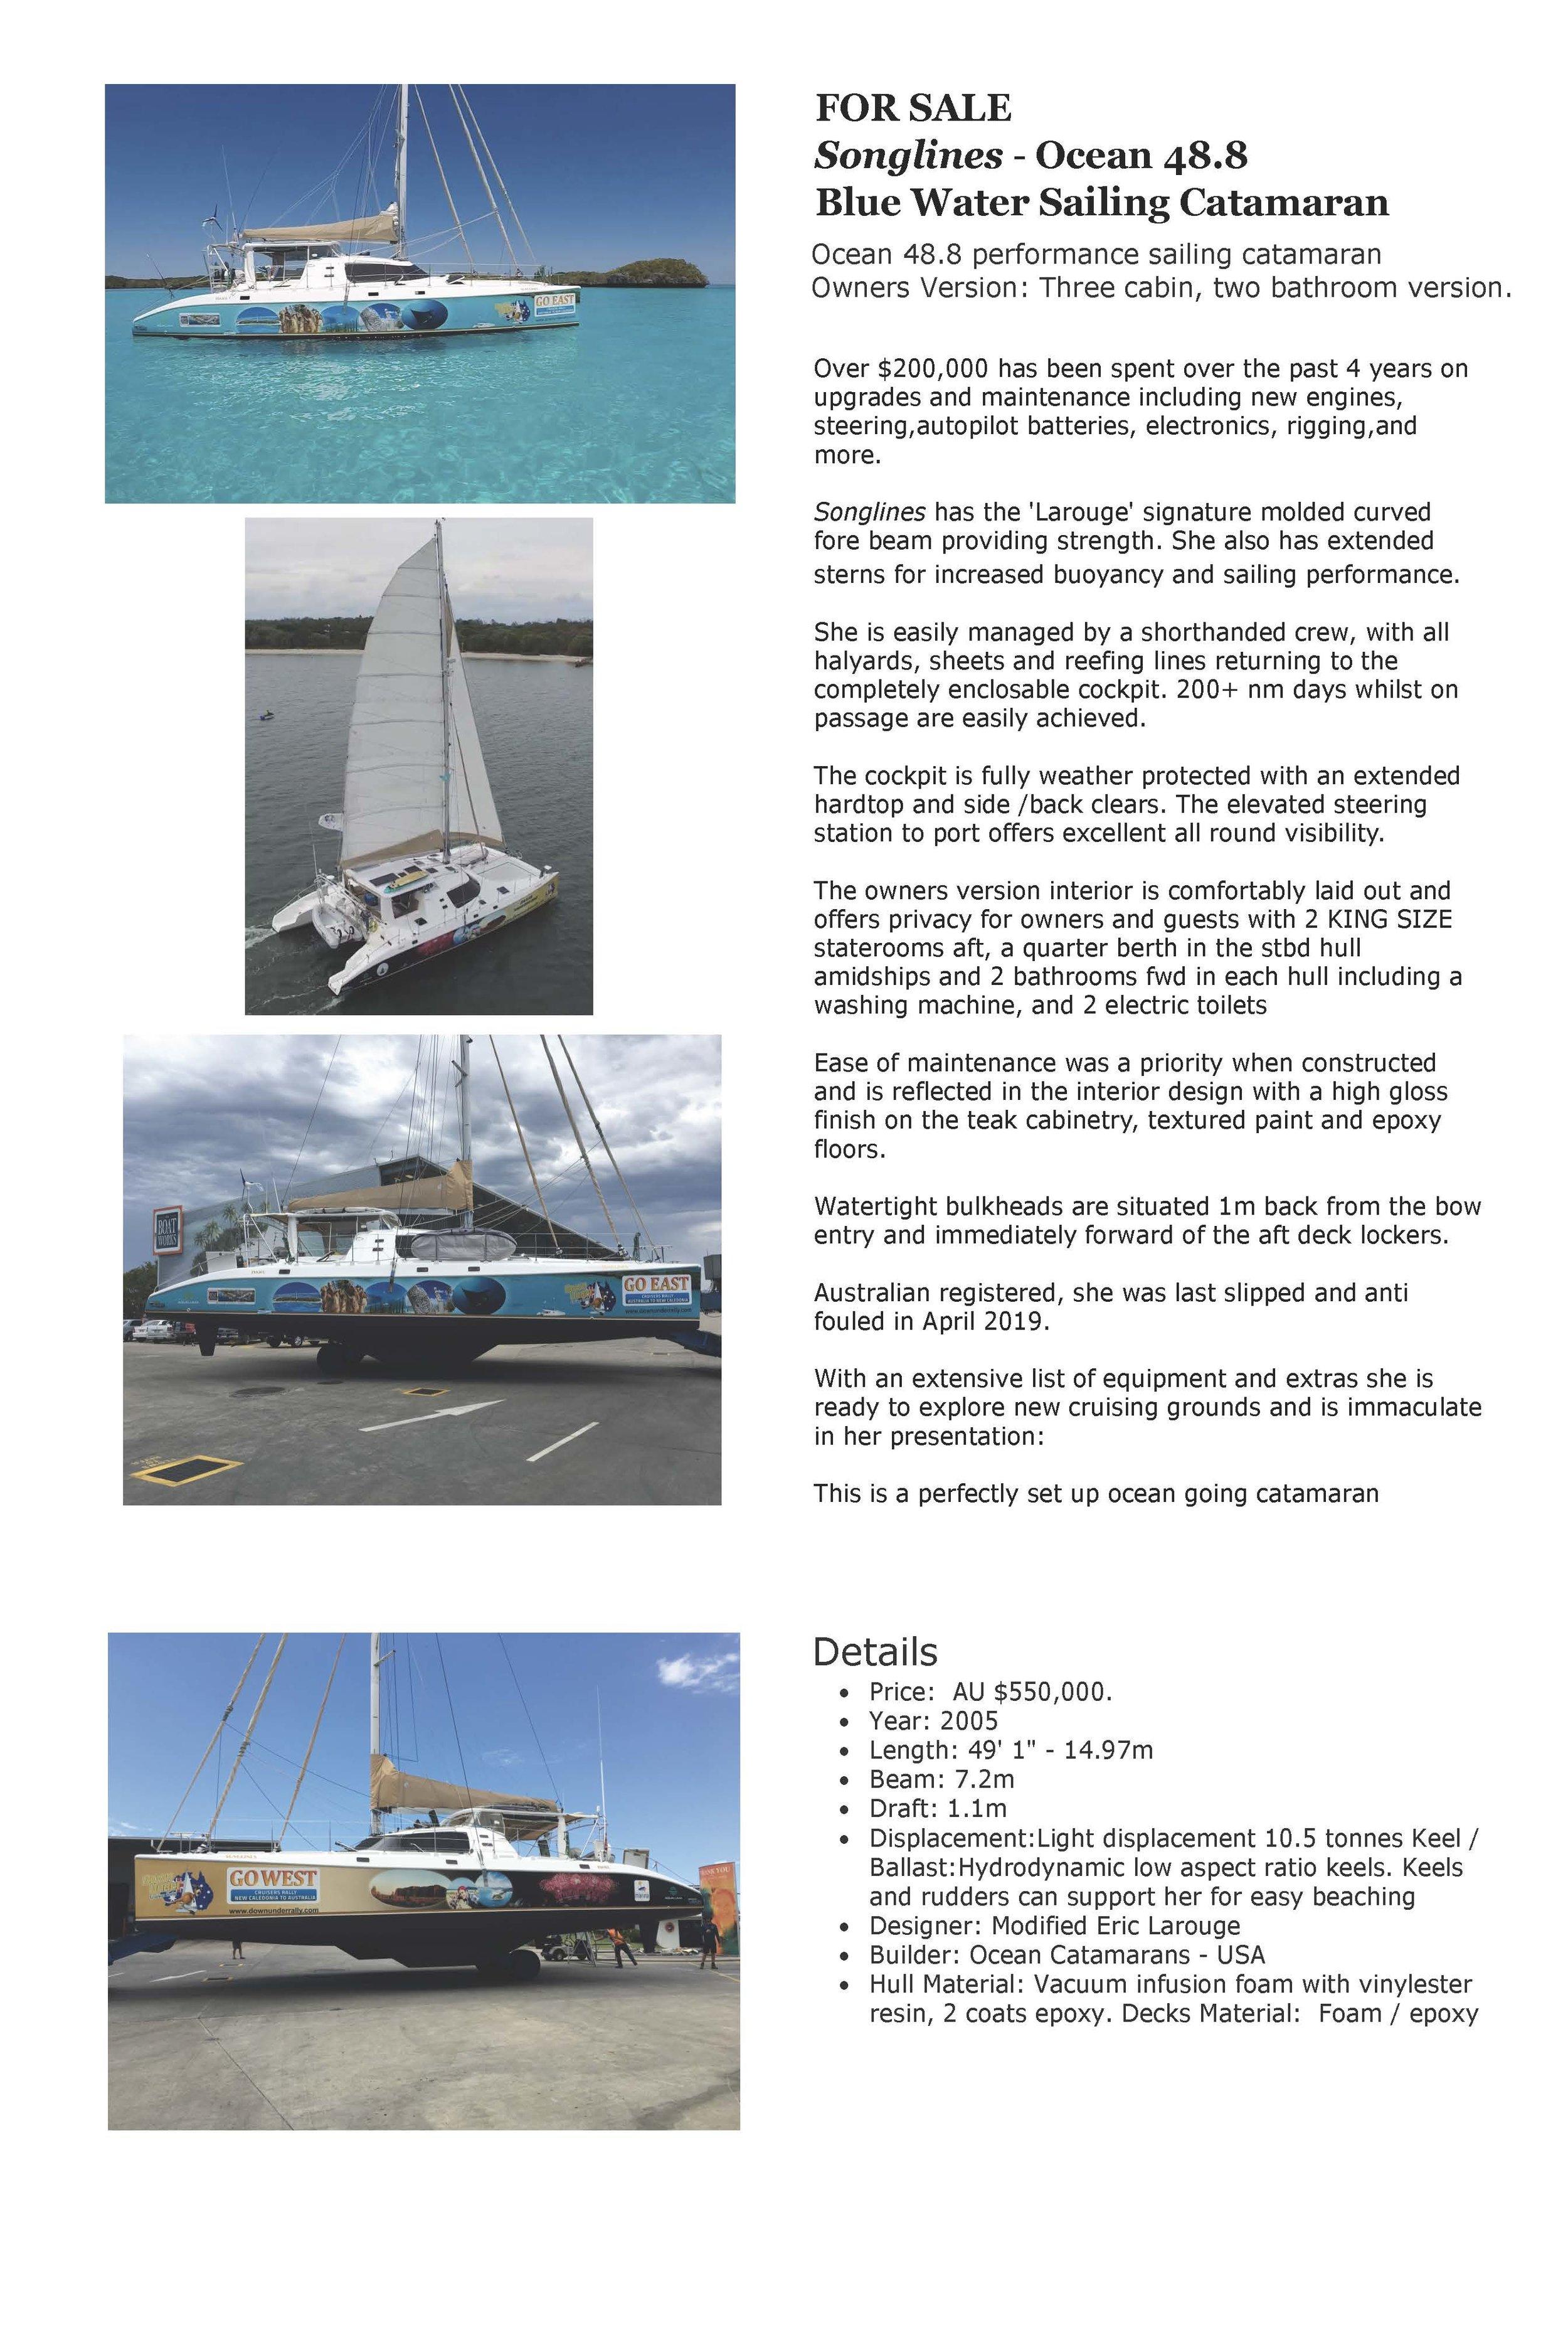 Spec_Songlines_Ocean 48.8 Blue Water Sailing Catamaran_2019_Page_1.jpg